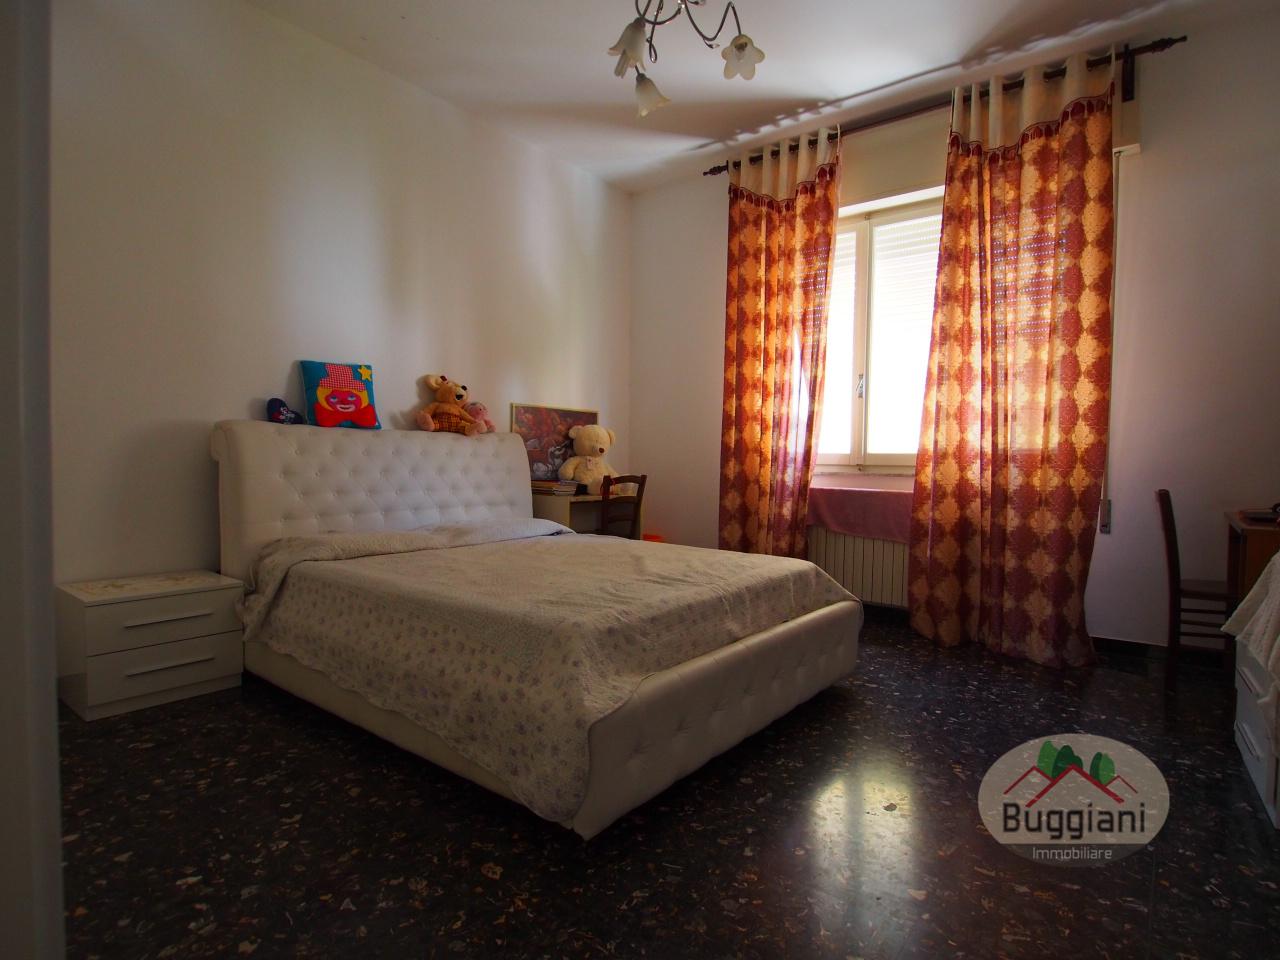 Appartamento in vendita RIF. 1789, Santa Croce sull'Arno (PI)